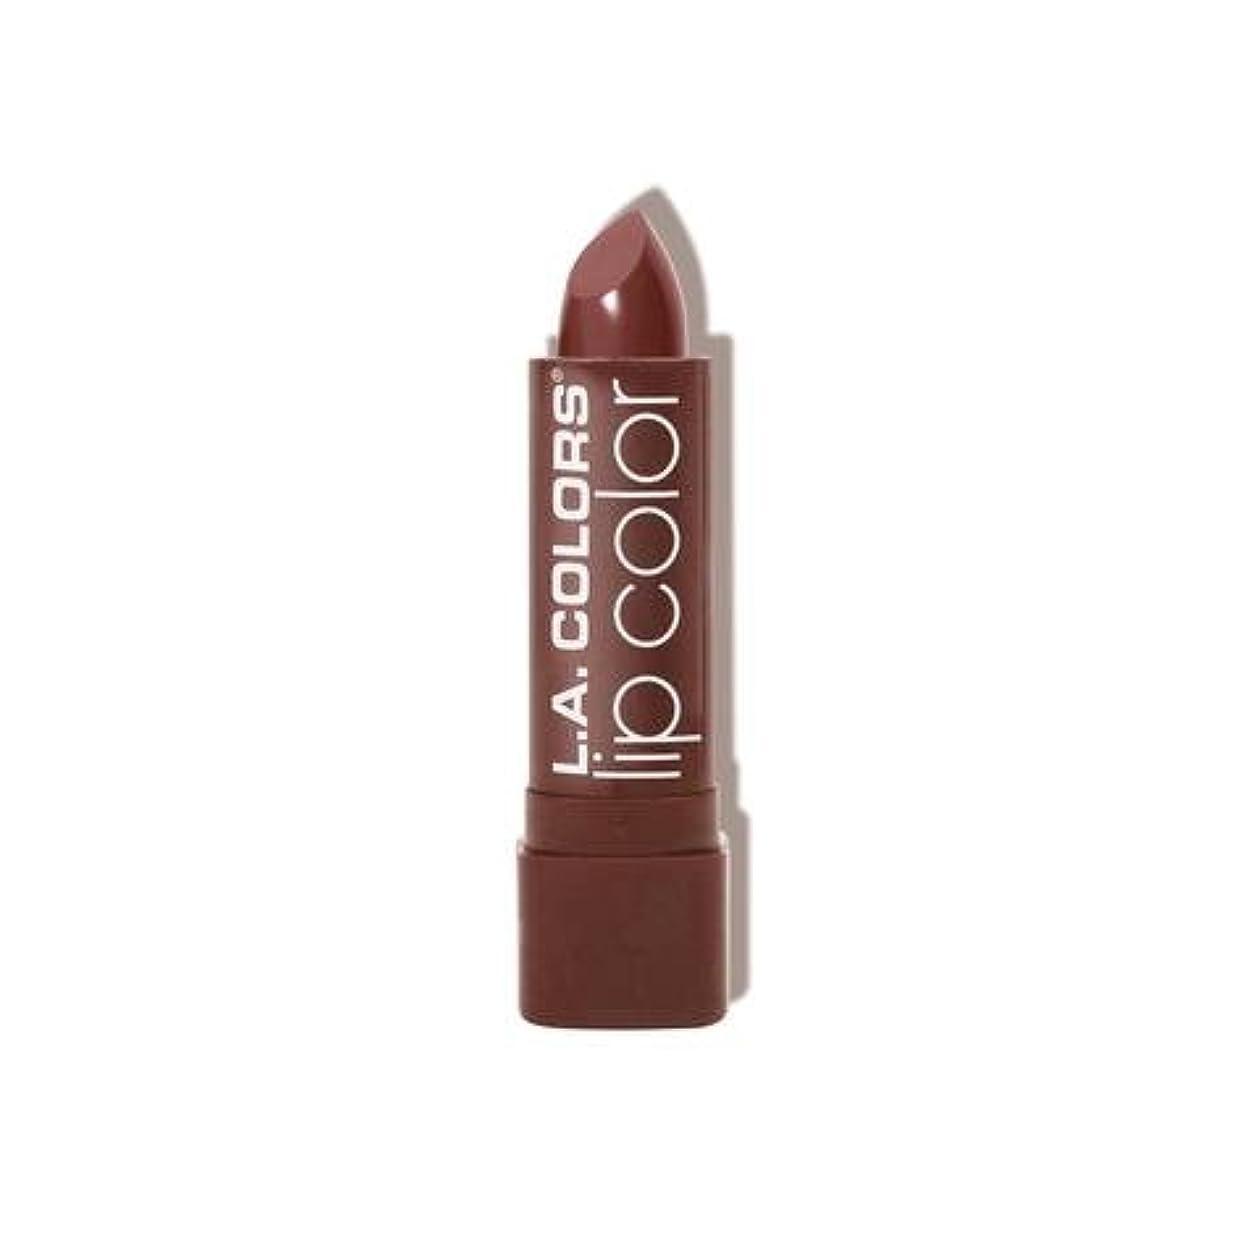 ラウズマージチラチラする(6 Pack) L.A. COLORS Moisture Rich Lip Color - Taupe Envy (並行輸入品)